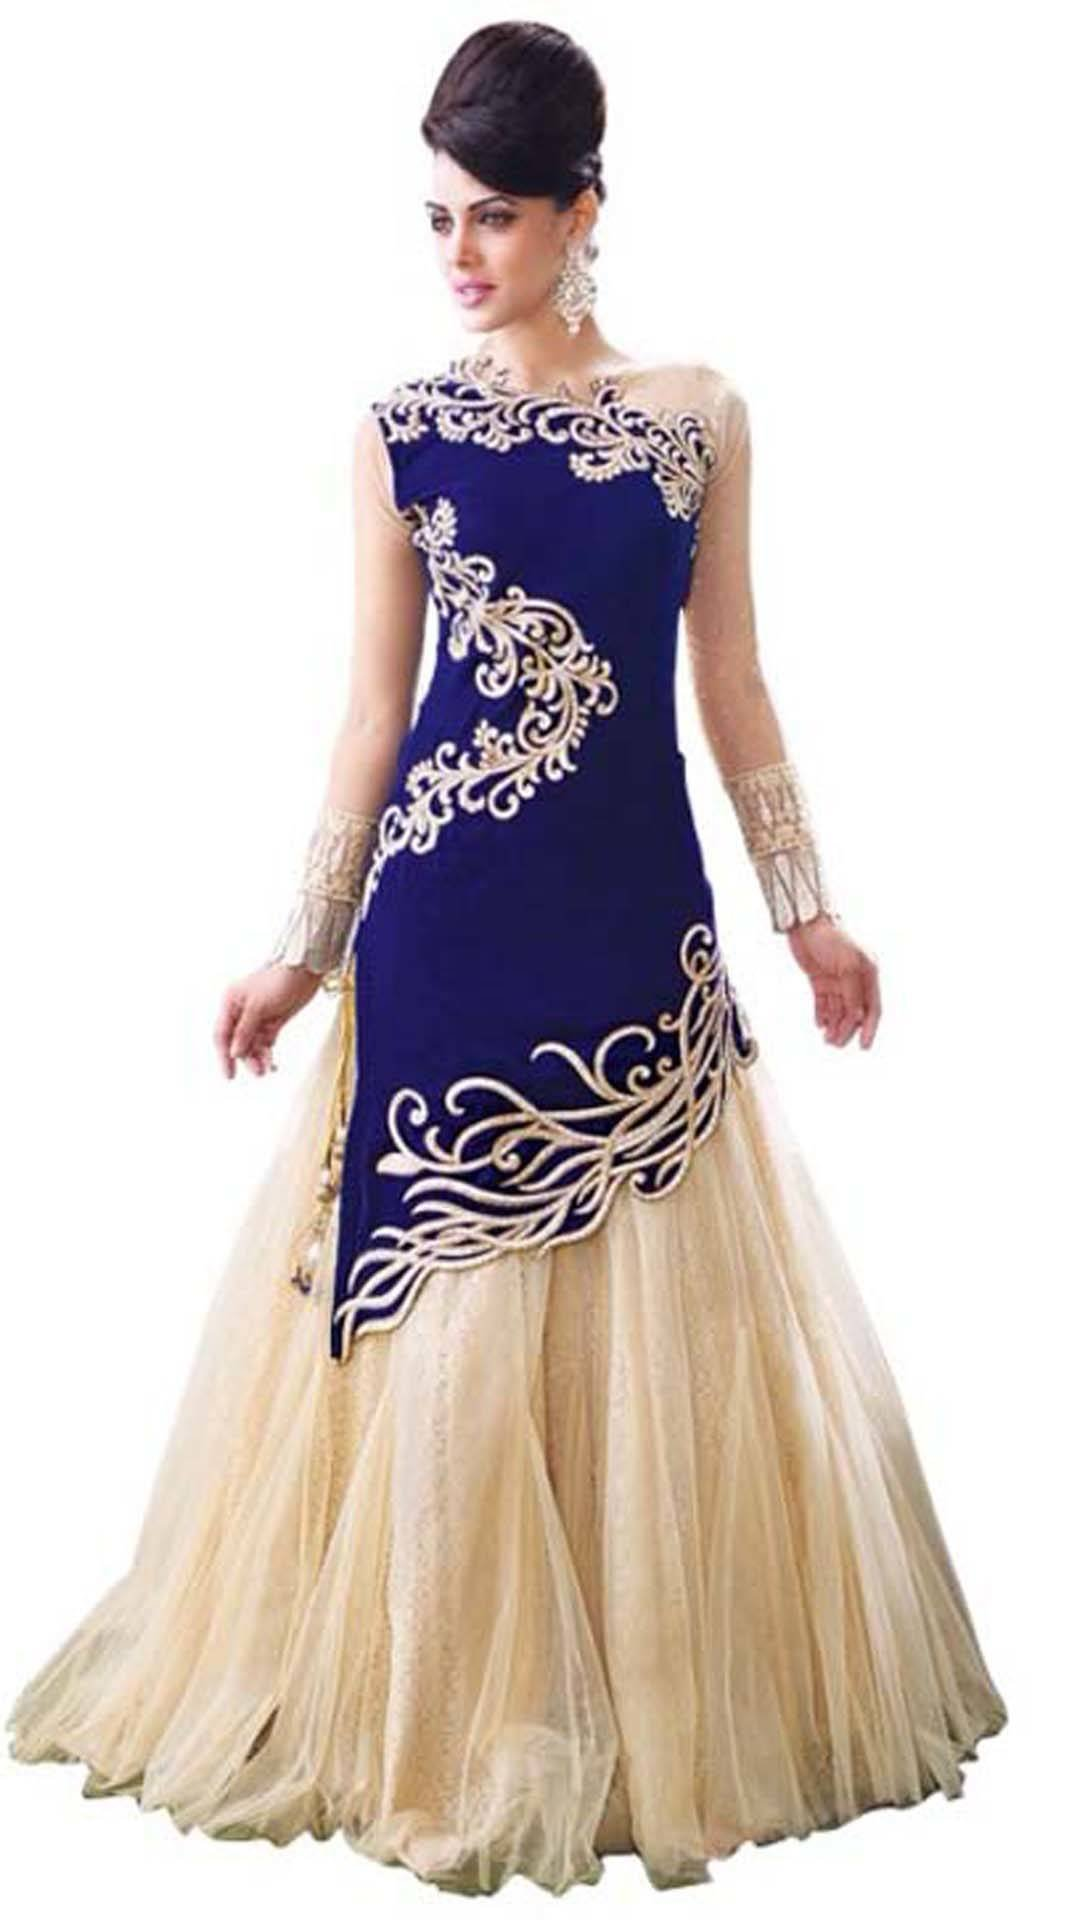 Royal Ethnic Indian Designer Wedding And Party Wear Anarkali Dress Salwar Kameez